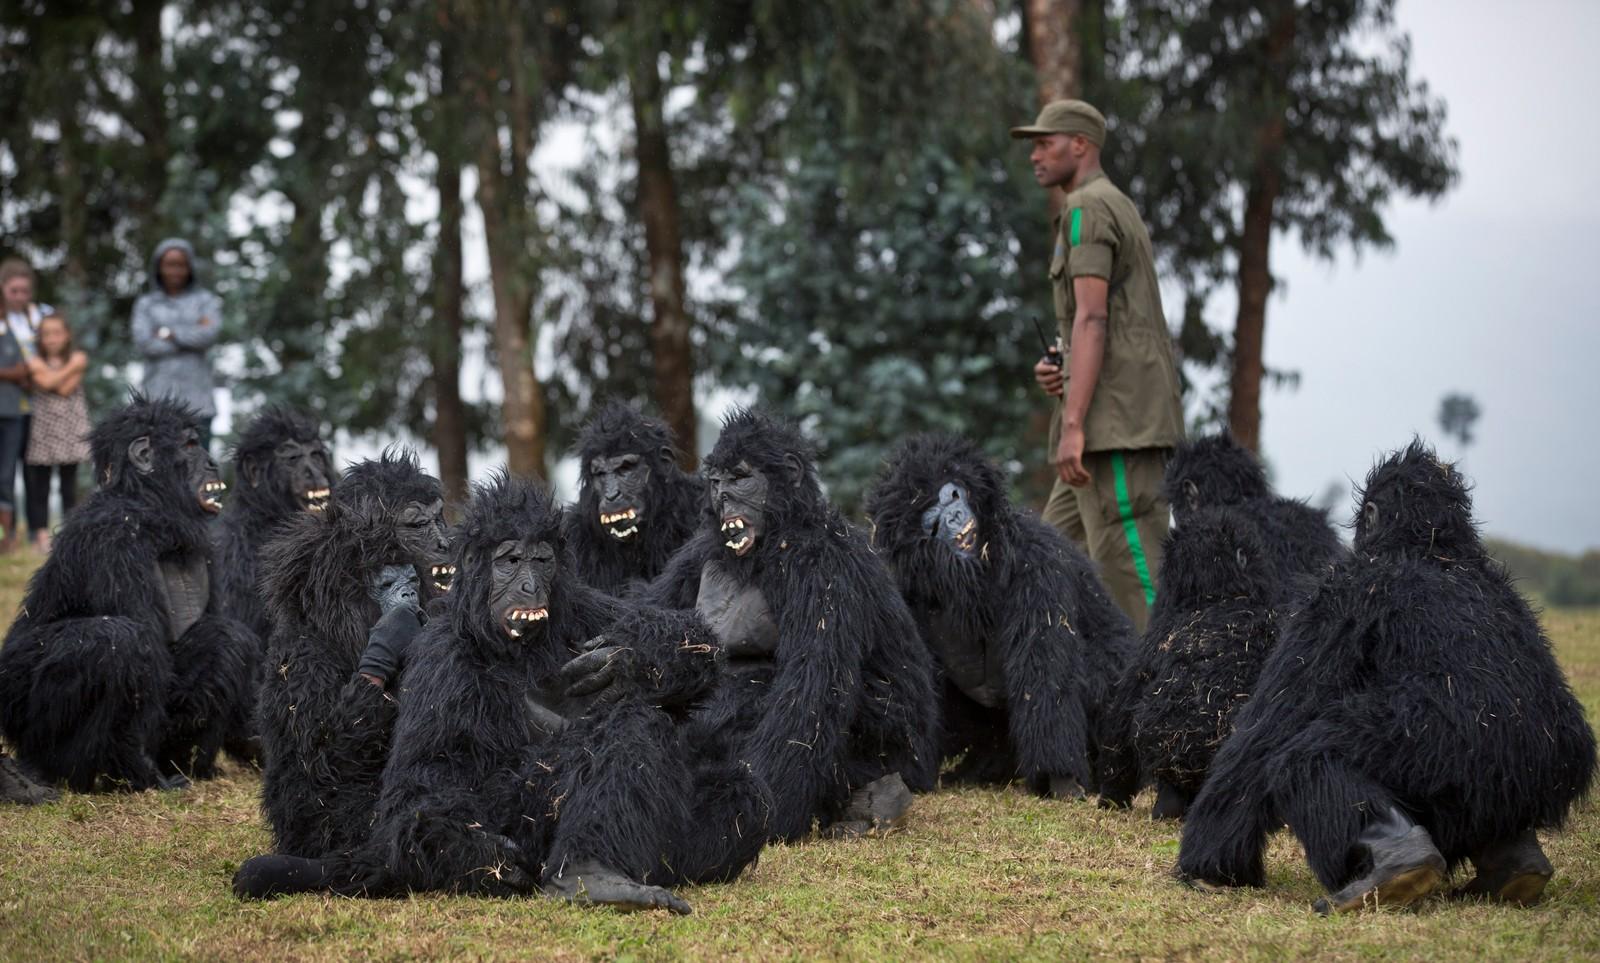 Utkledd som gorillaer feirer denne gjengen en navneseremoni for to gorillaer i Kinigi, Rwanda. Arrangementet er ment å gi oppmerksomhet til utrydningstrua gorilla-arter.